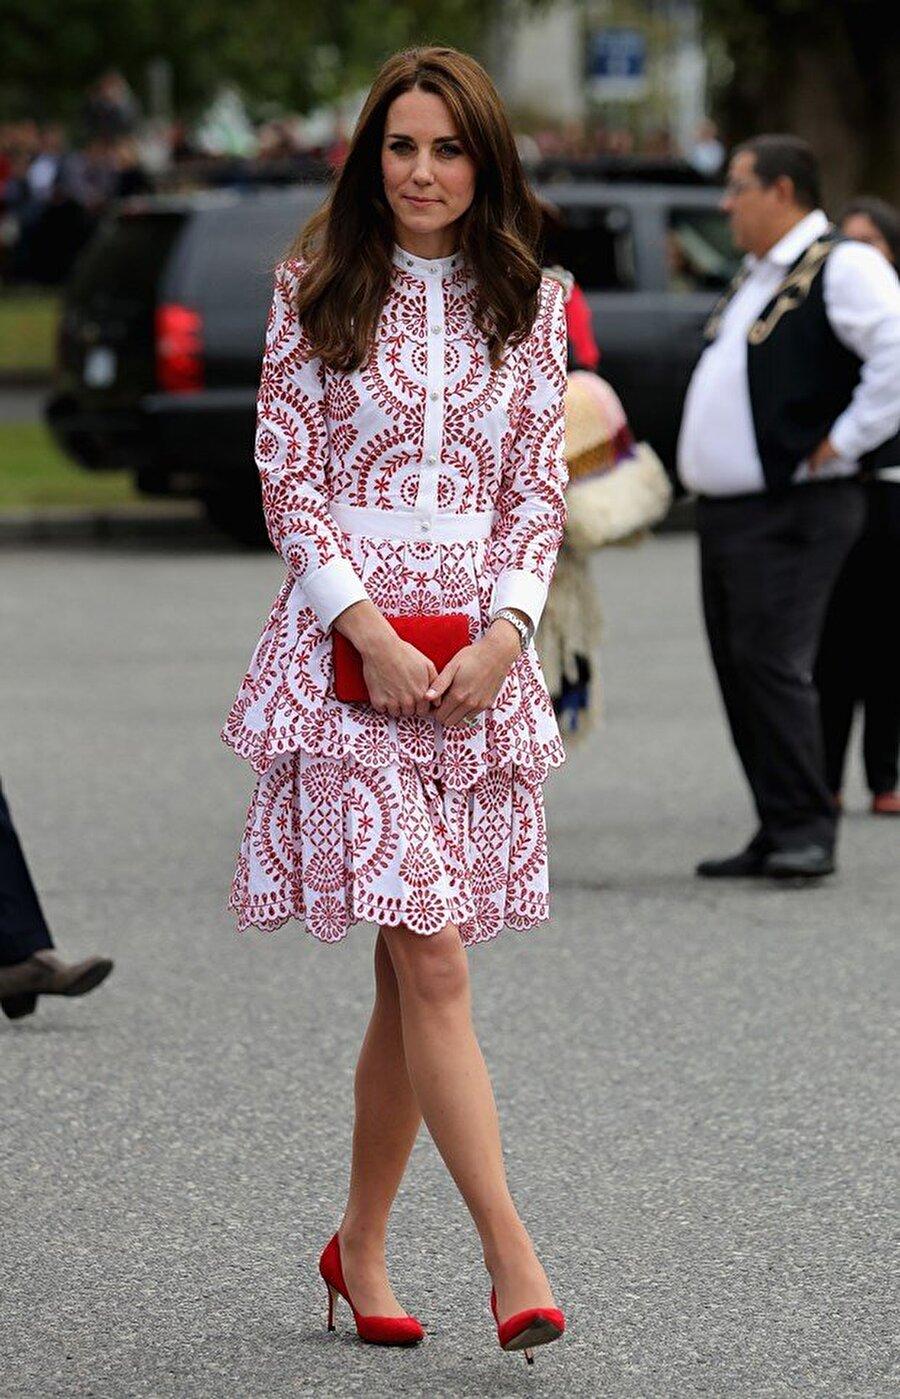 Elinden düşmüyor                                                                           İngiltere kraliyet ailesinin en popüler ismi olan Cambridge Düşesi Kate Middleton, her zaman elinde taşıdığı clutch türündeki mini çantalarıyla dikkat çekiyor.